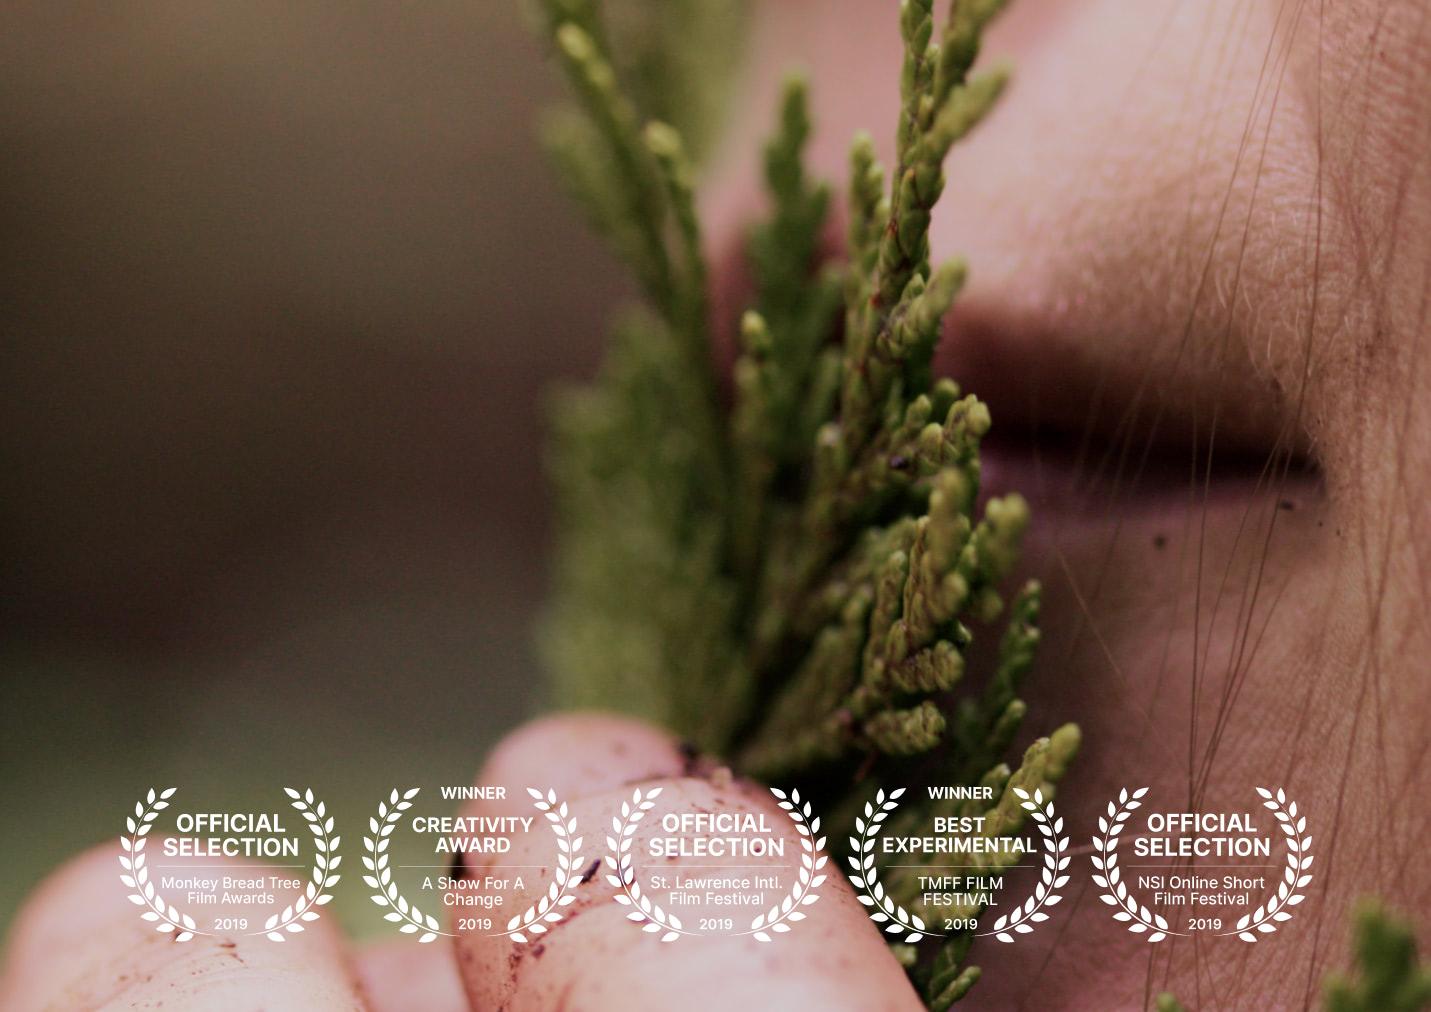 Solastalgia Short Film